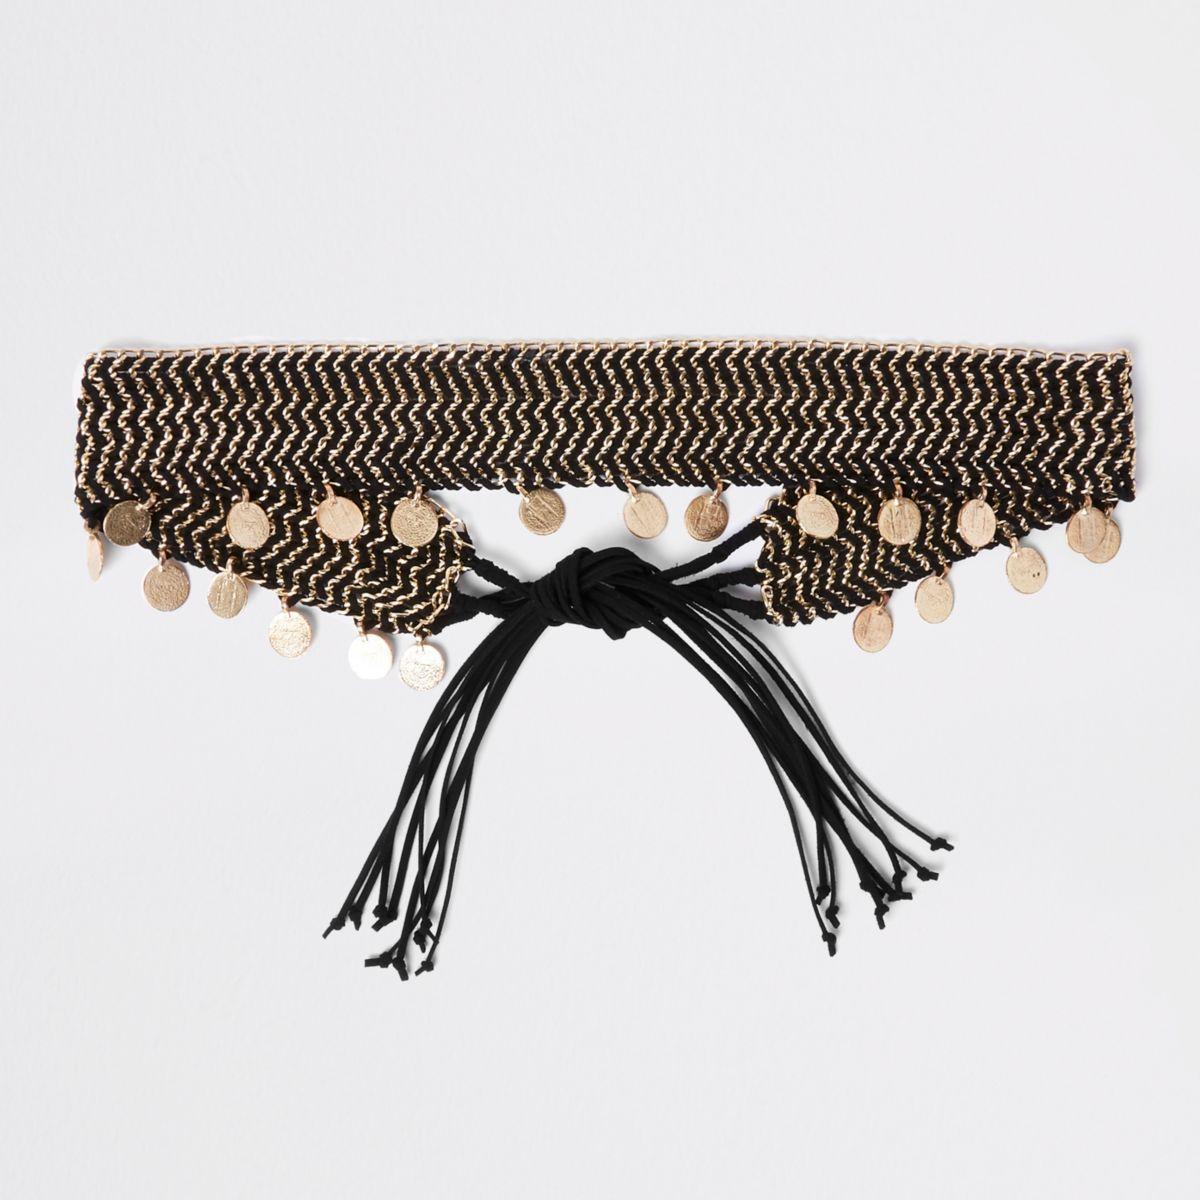 Zwarte geweven riem met ketting en munten